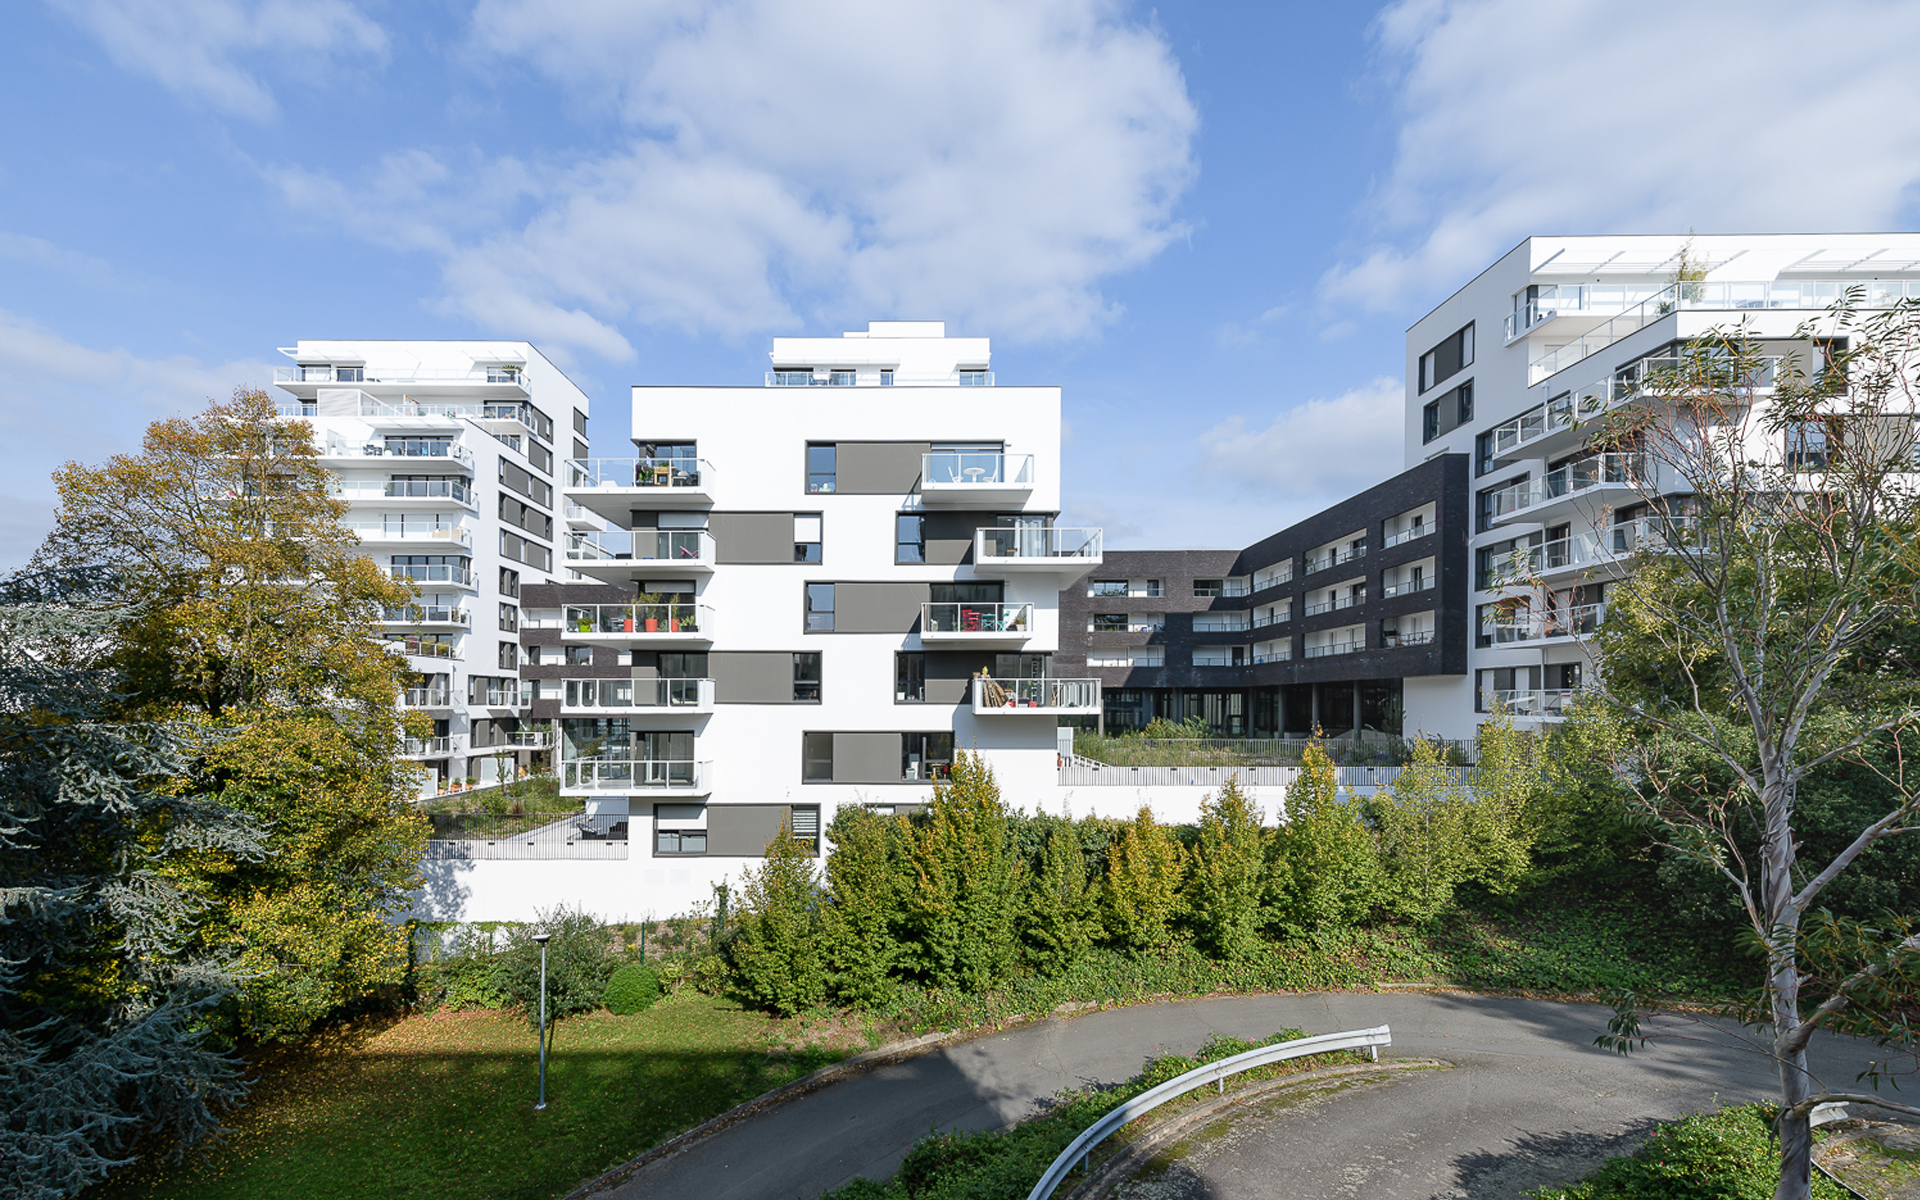 les-cadets-de-bretagne-10-rennes-architecture-bretagne-paumier-architectes-1920×1200